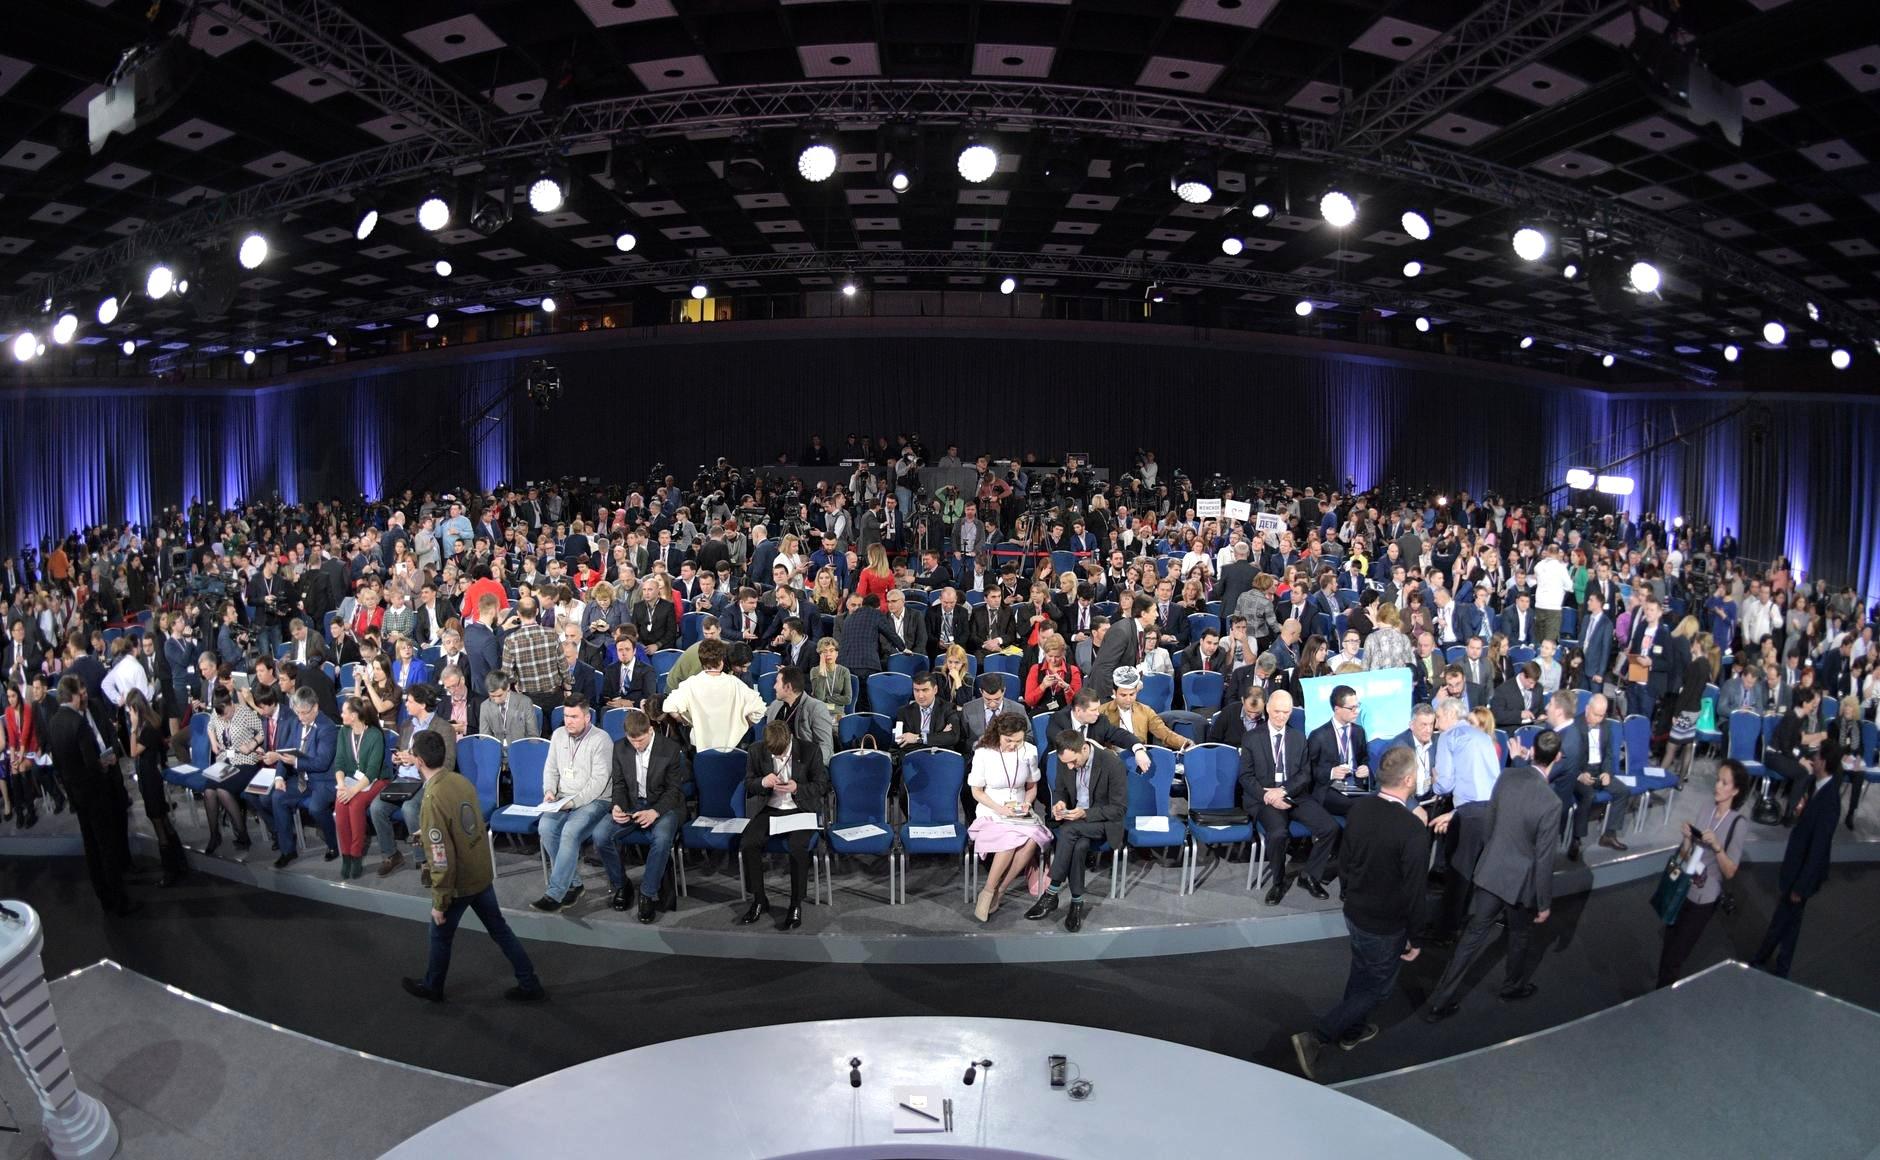 Vista de la sala de prensa llena de periodistas.